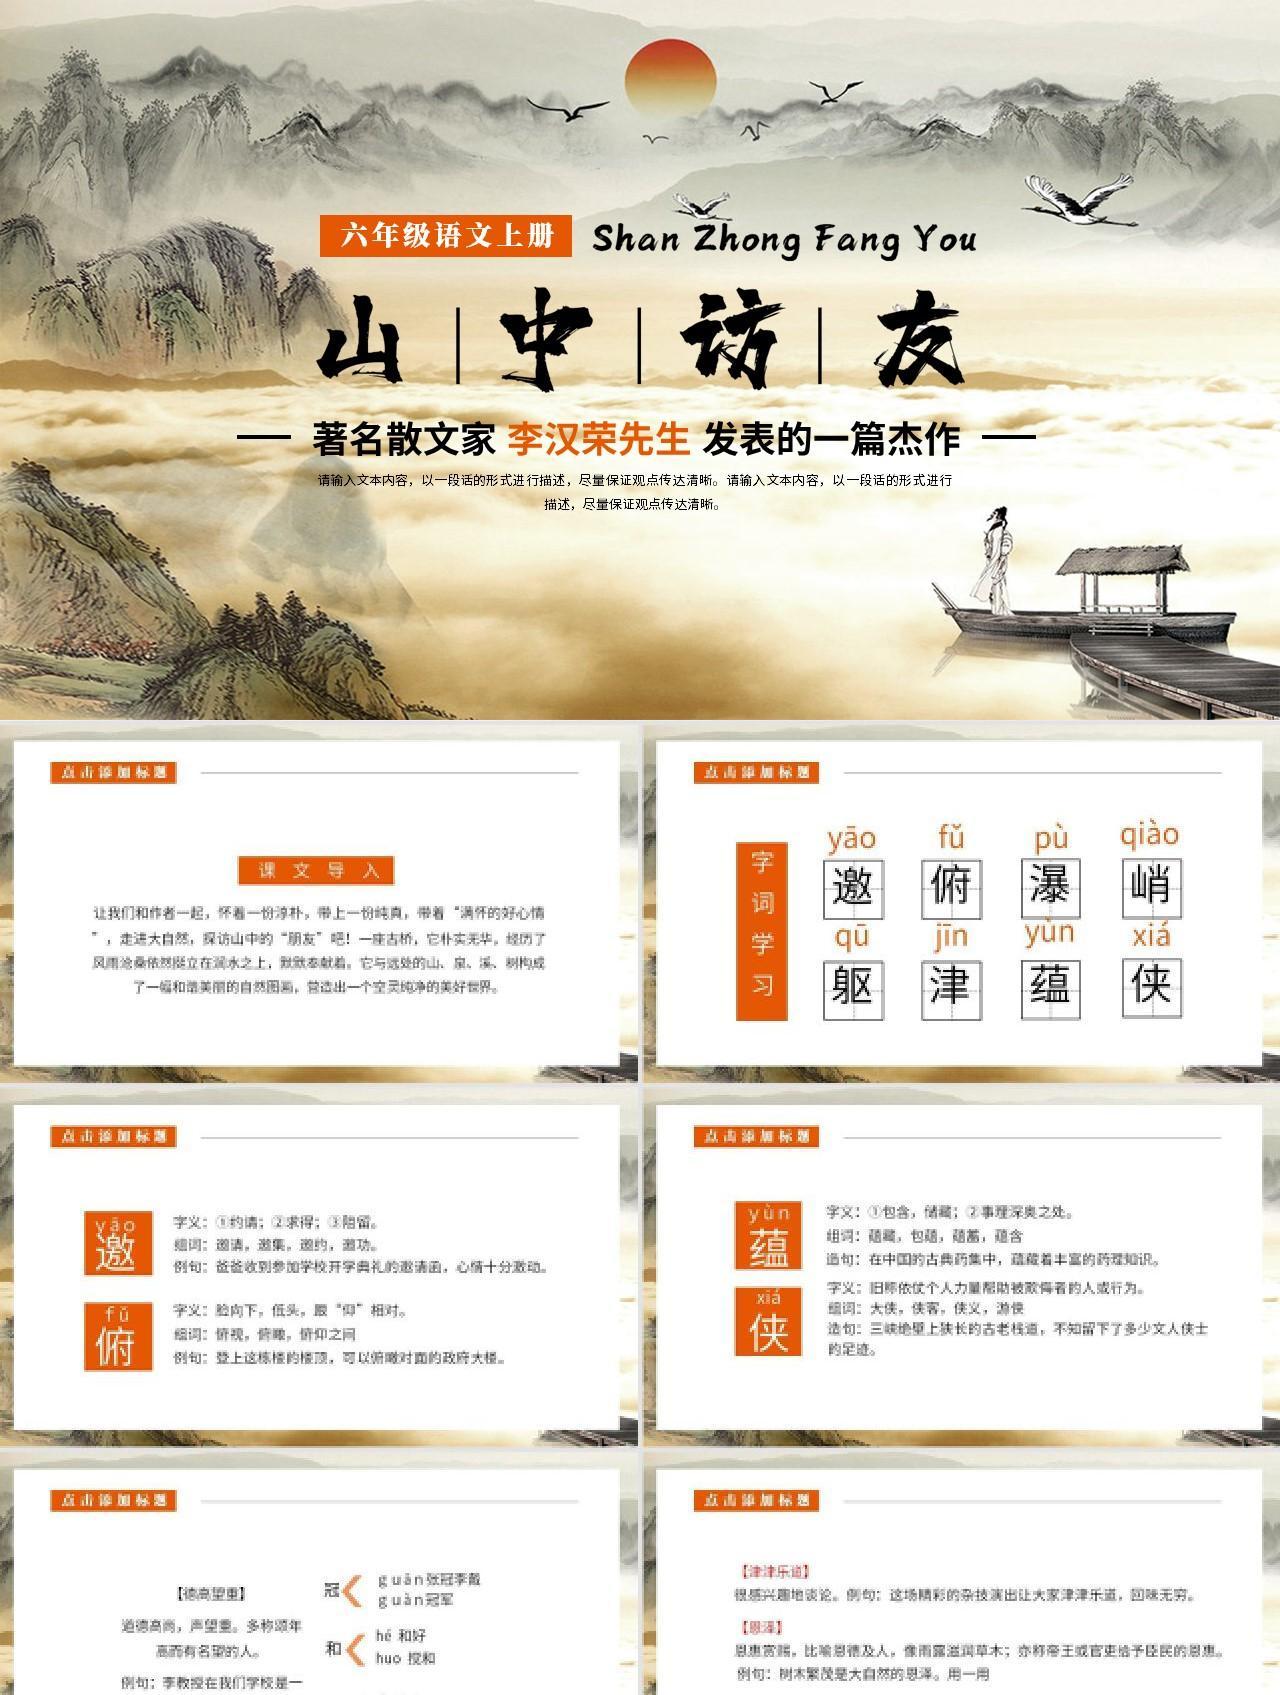 黄棕色中国风山中访友六年级上册语文课件PPT模板